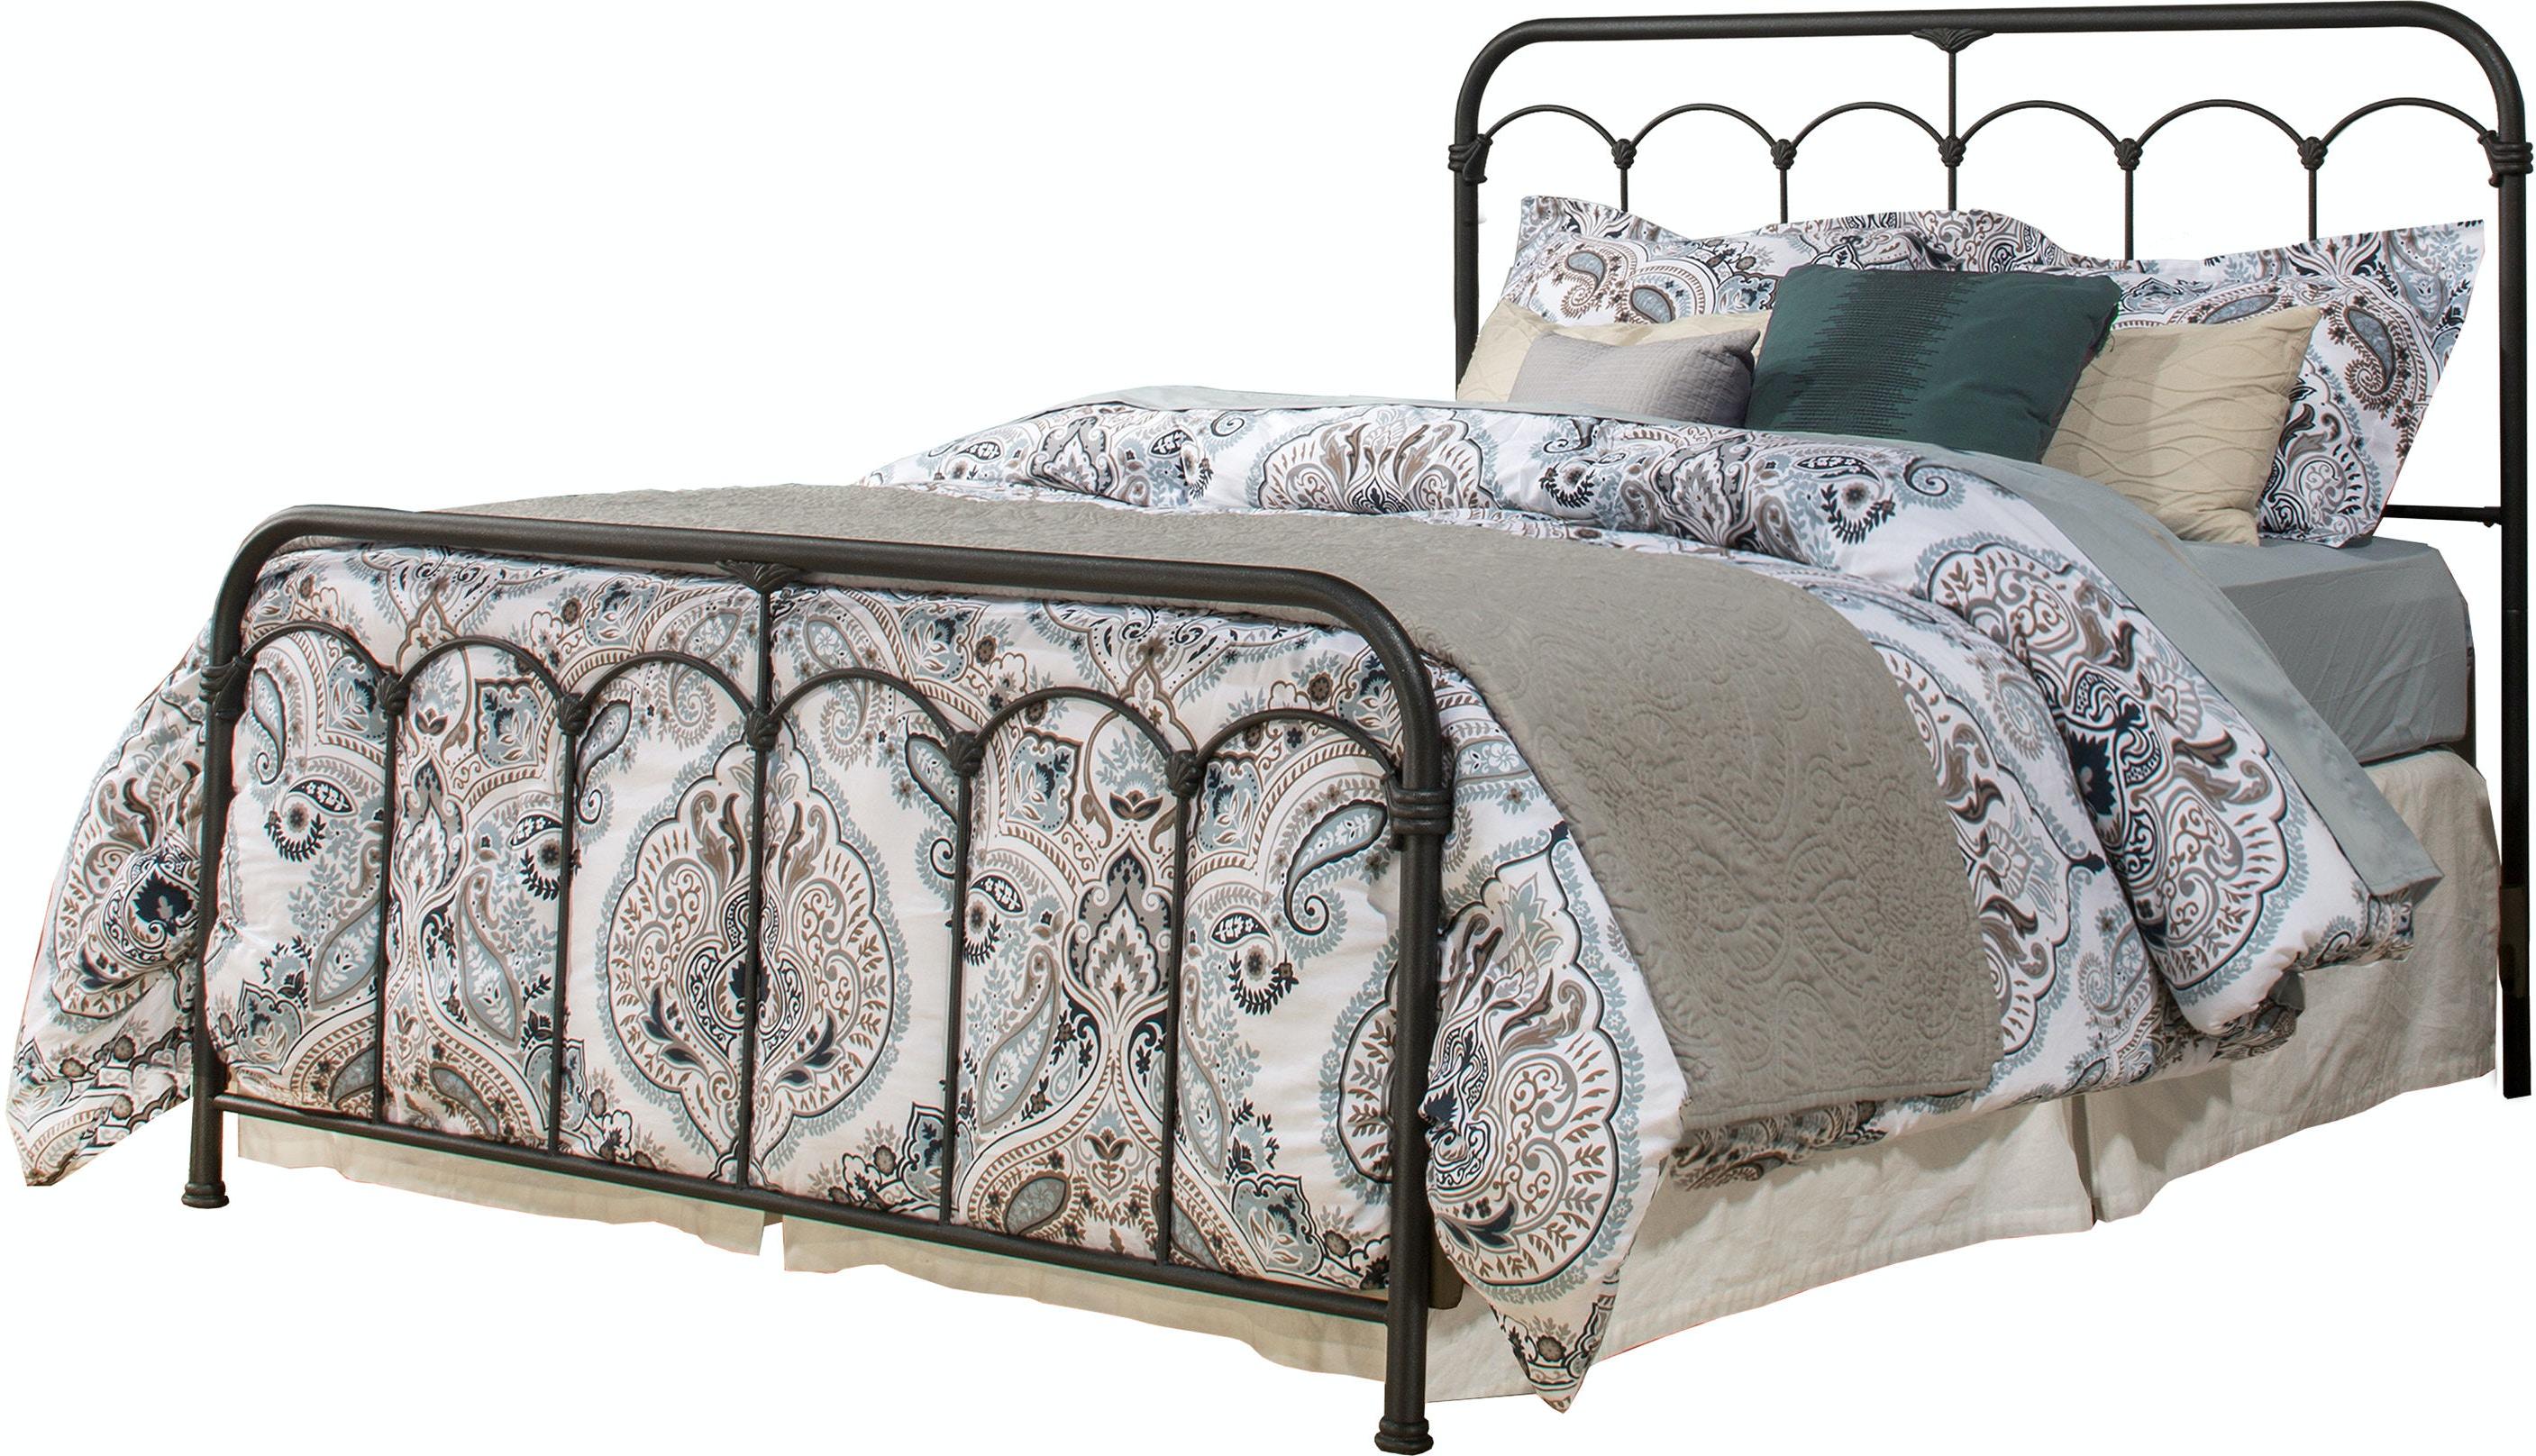 Hillsdale Furniture Bedroom Jocelyn Bed Set King Bed